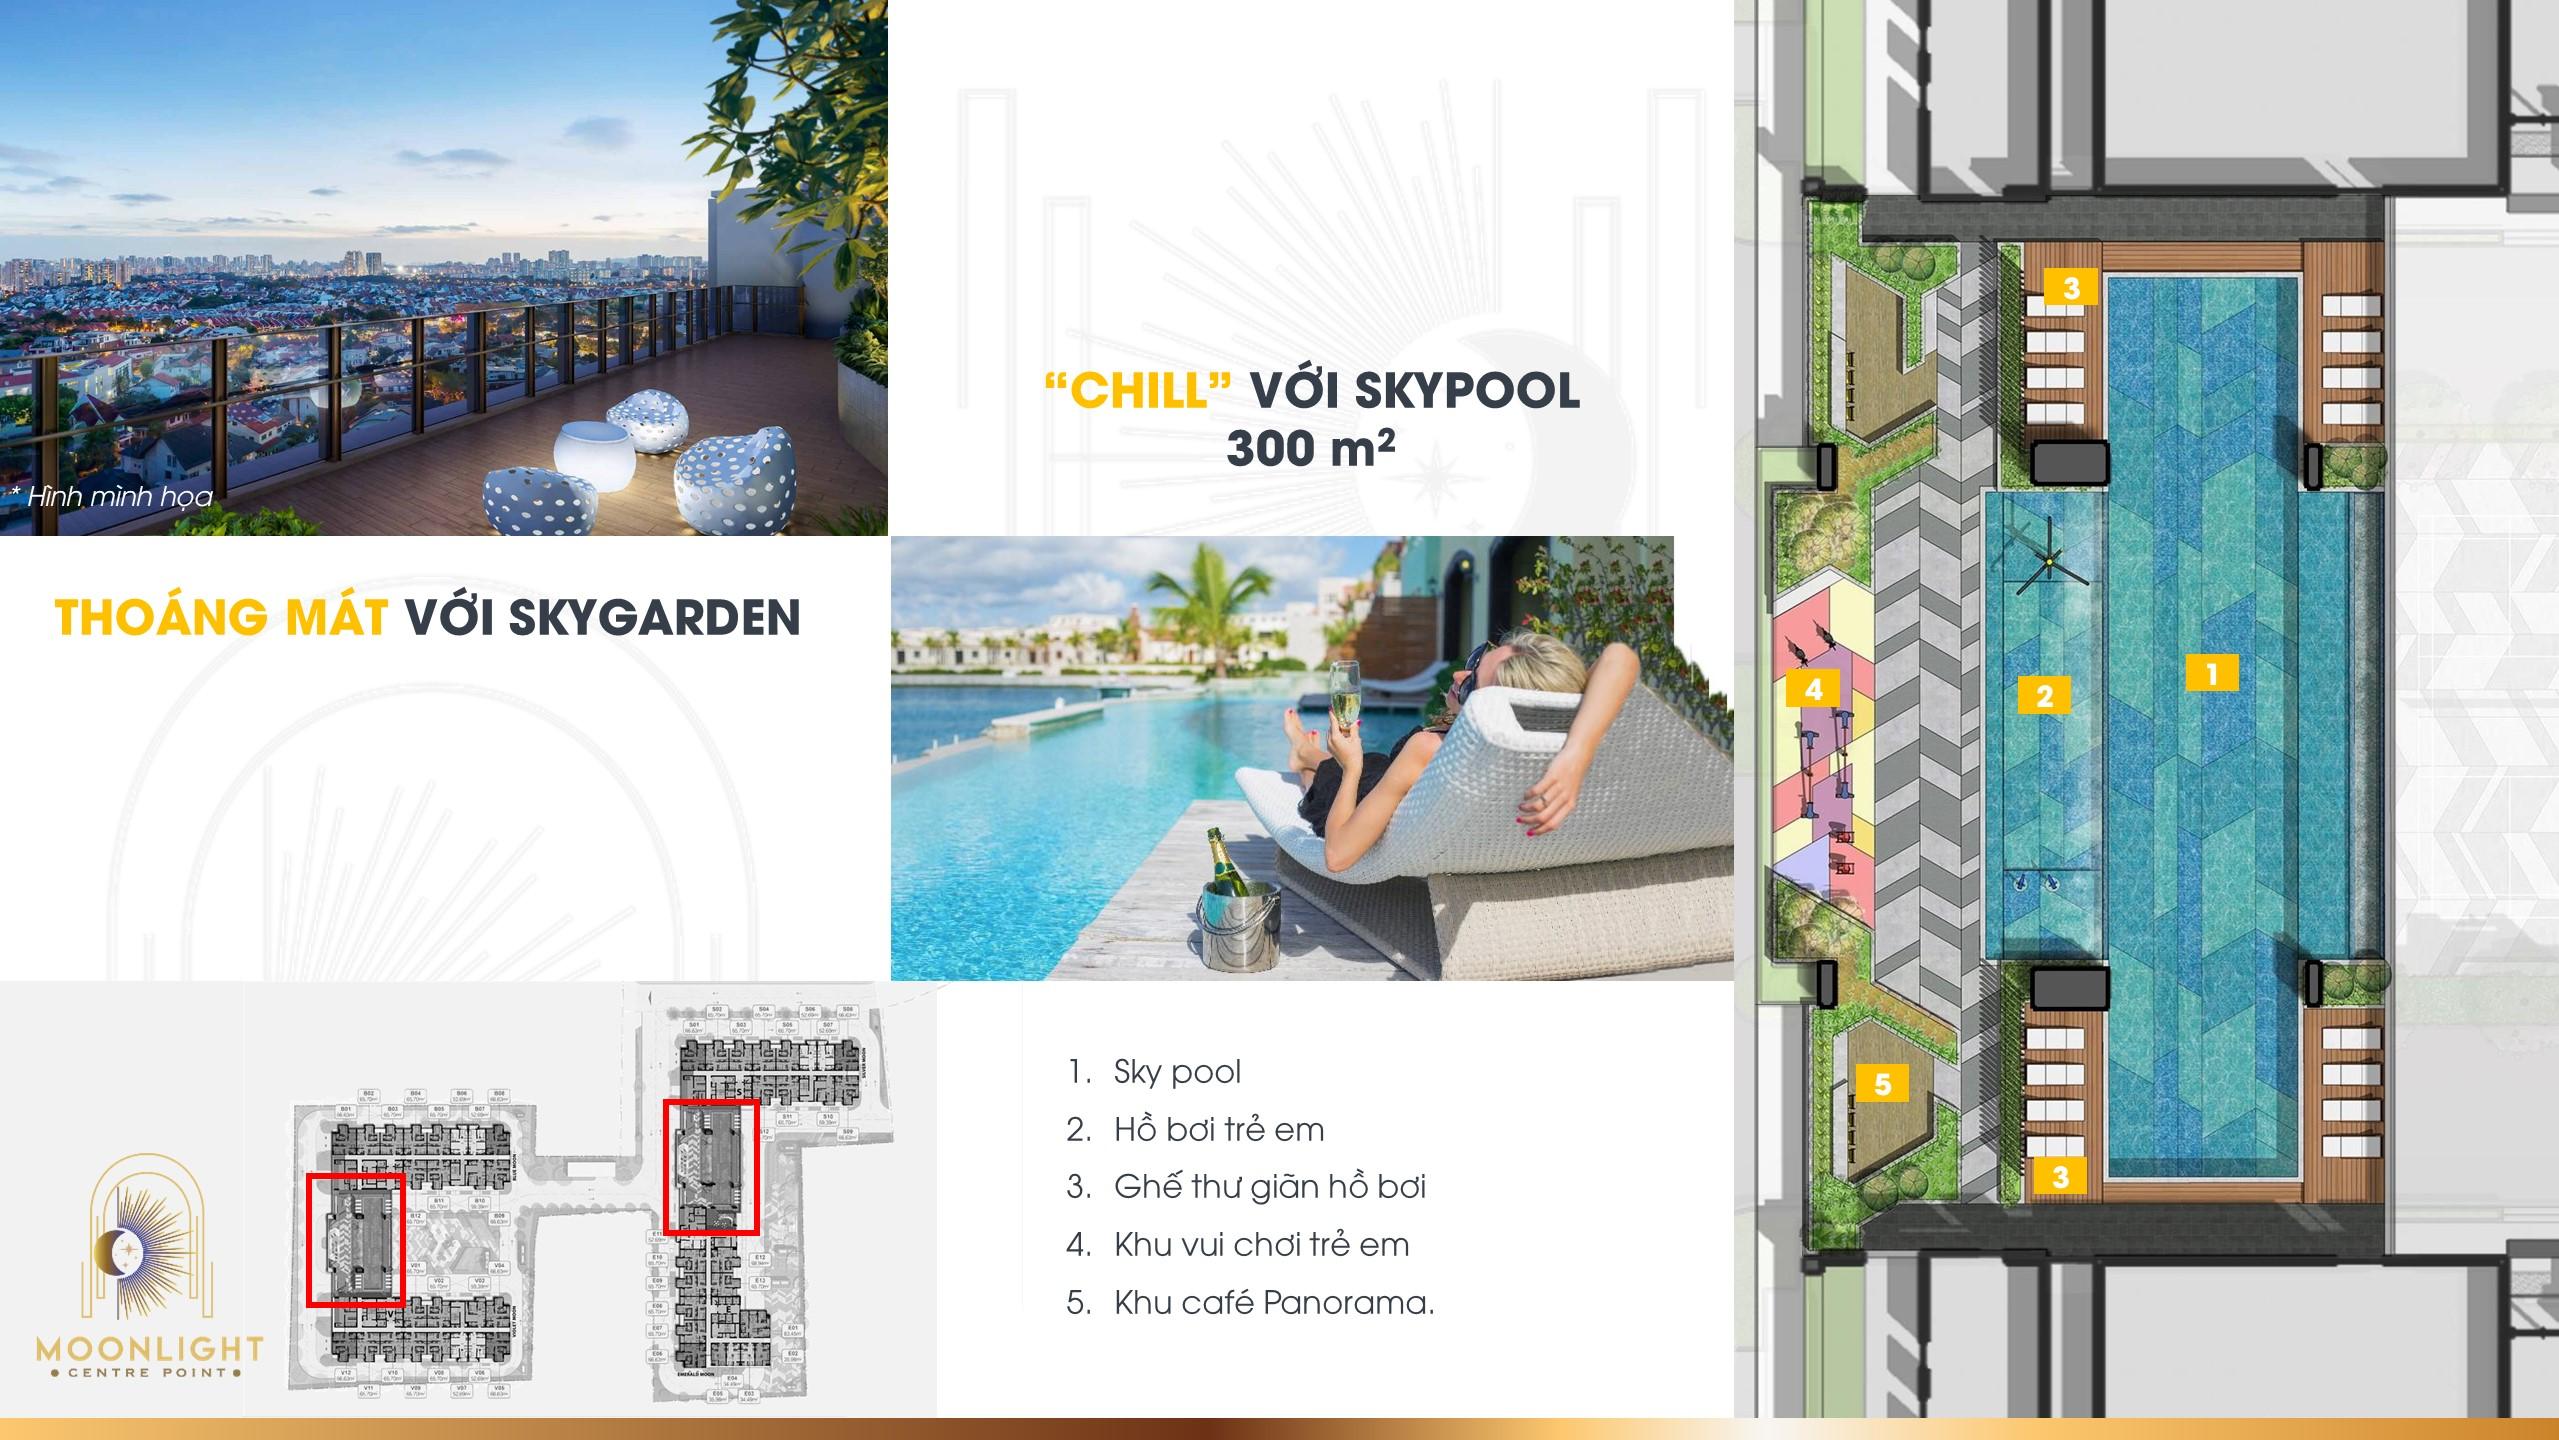 """Thư giản thoáng mát với Cafe """"Skygraden """" và Chill với hồ bơi """" Skypool"""" 300m2"""